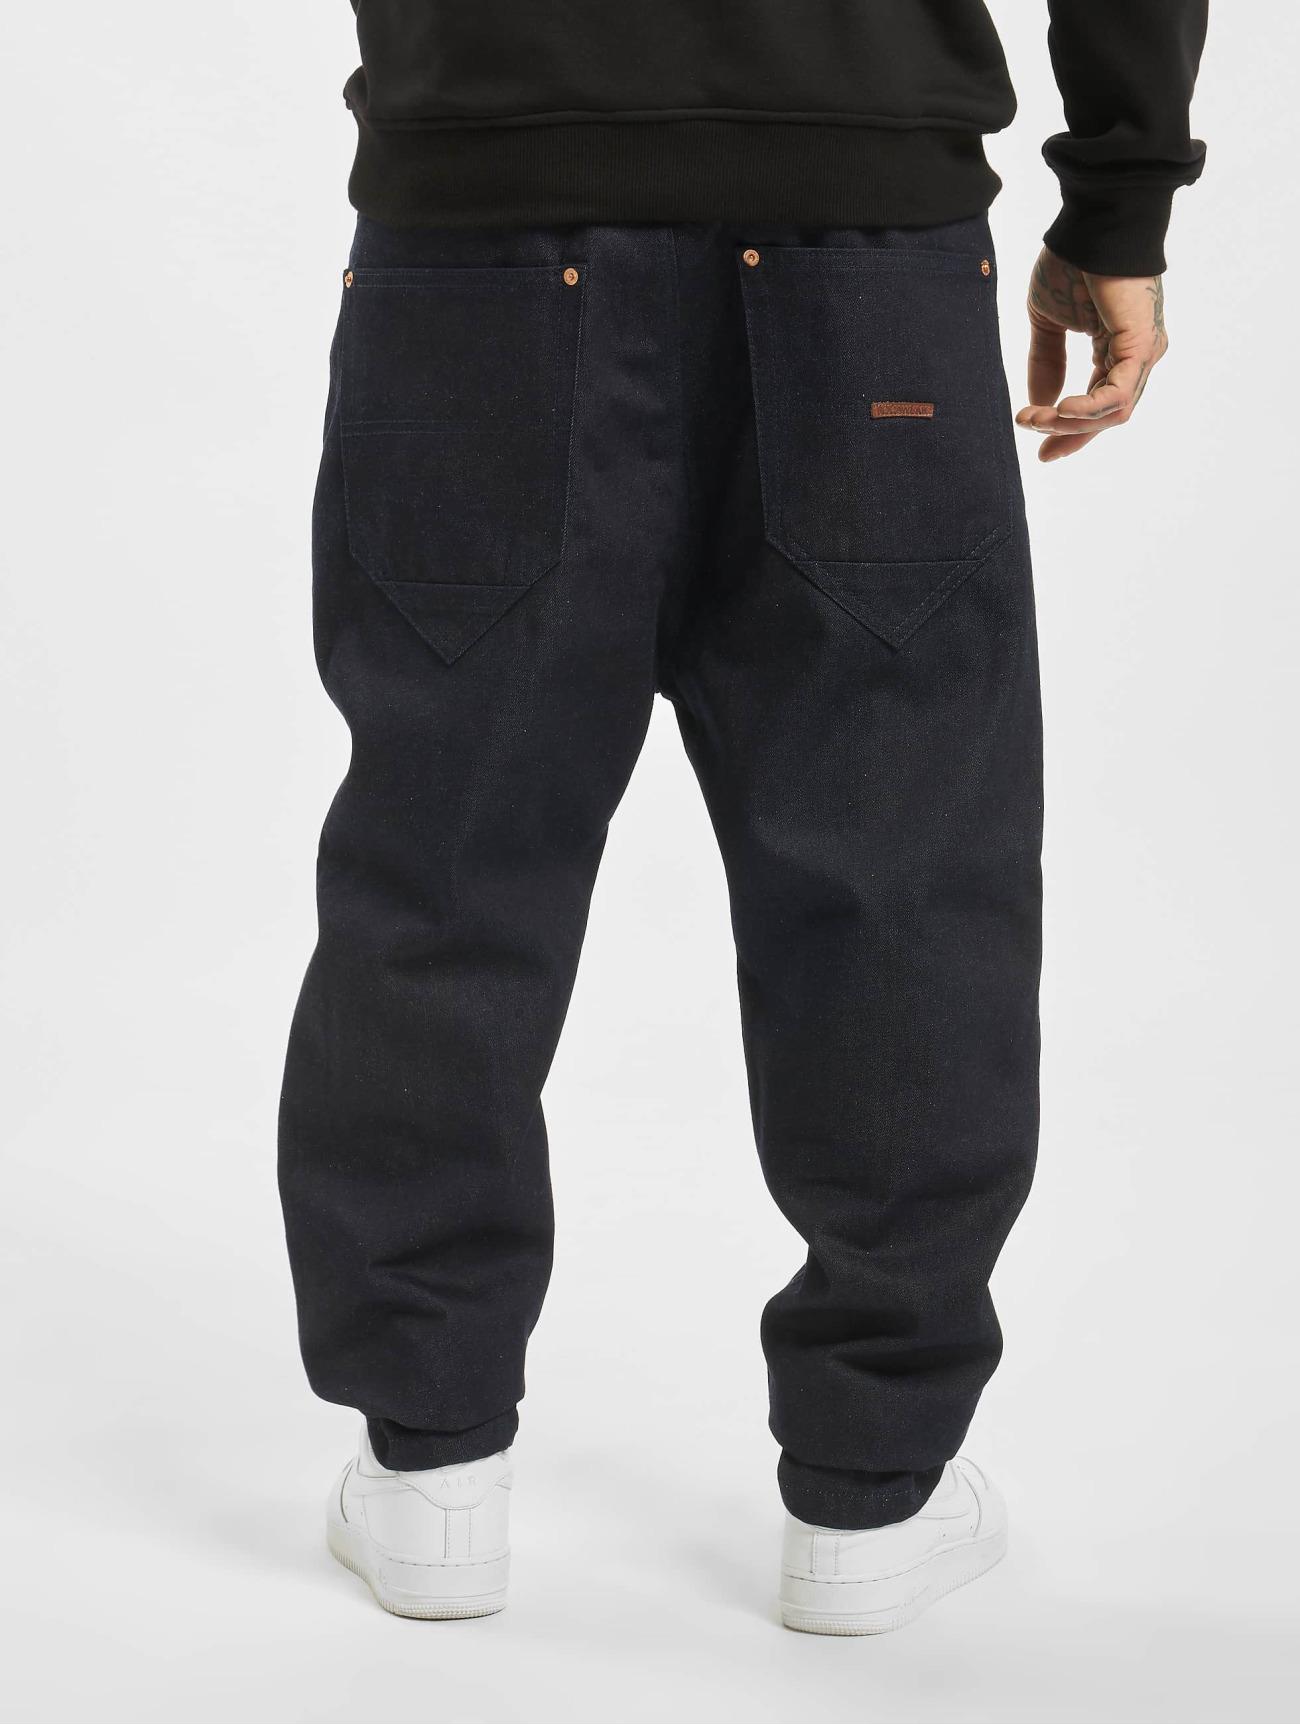 Rocawear Jeans / Antifit Hammer in indigo 692813